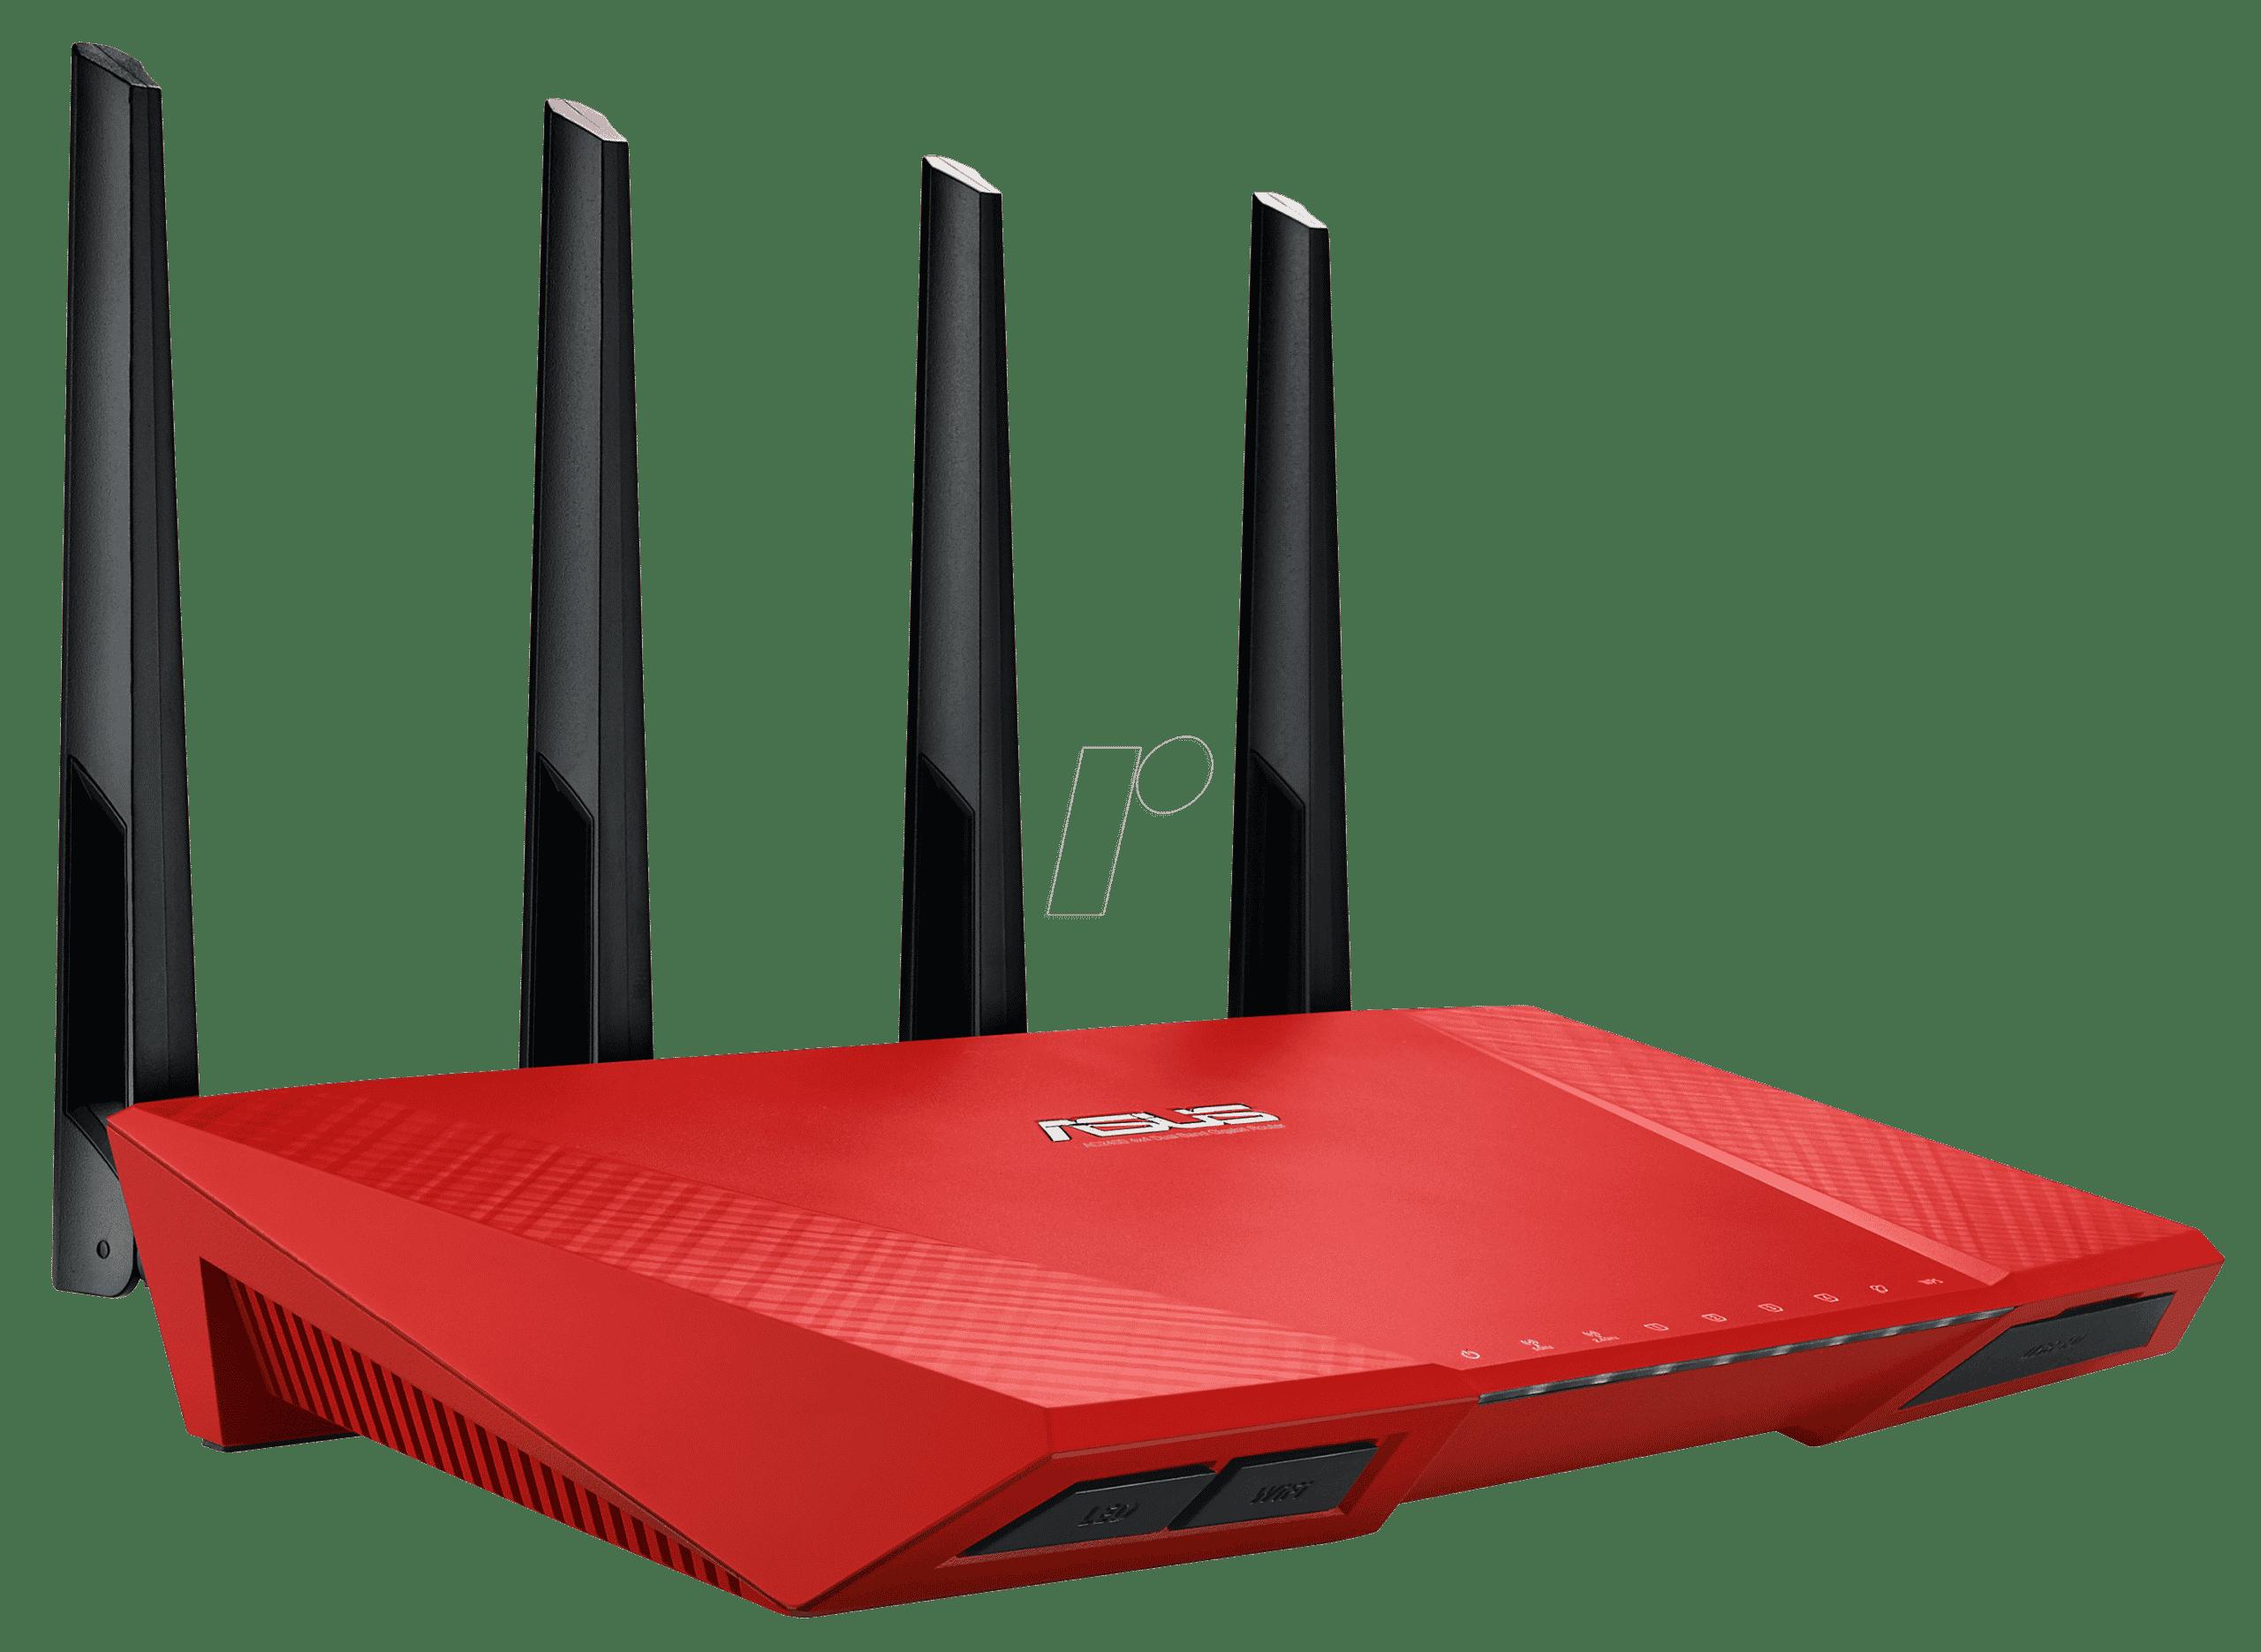 Asus Router login | Asus login | Asus router setup | Asus